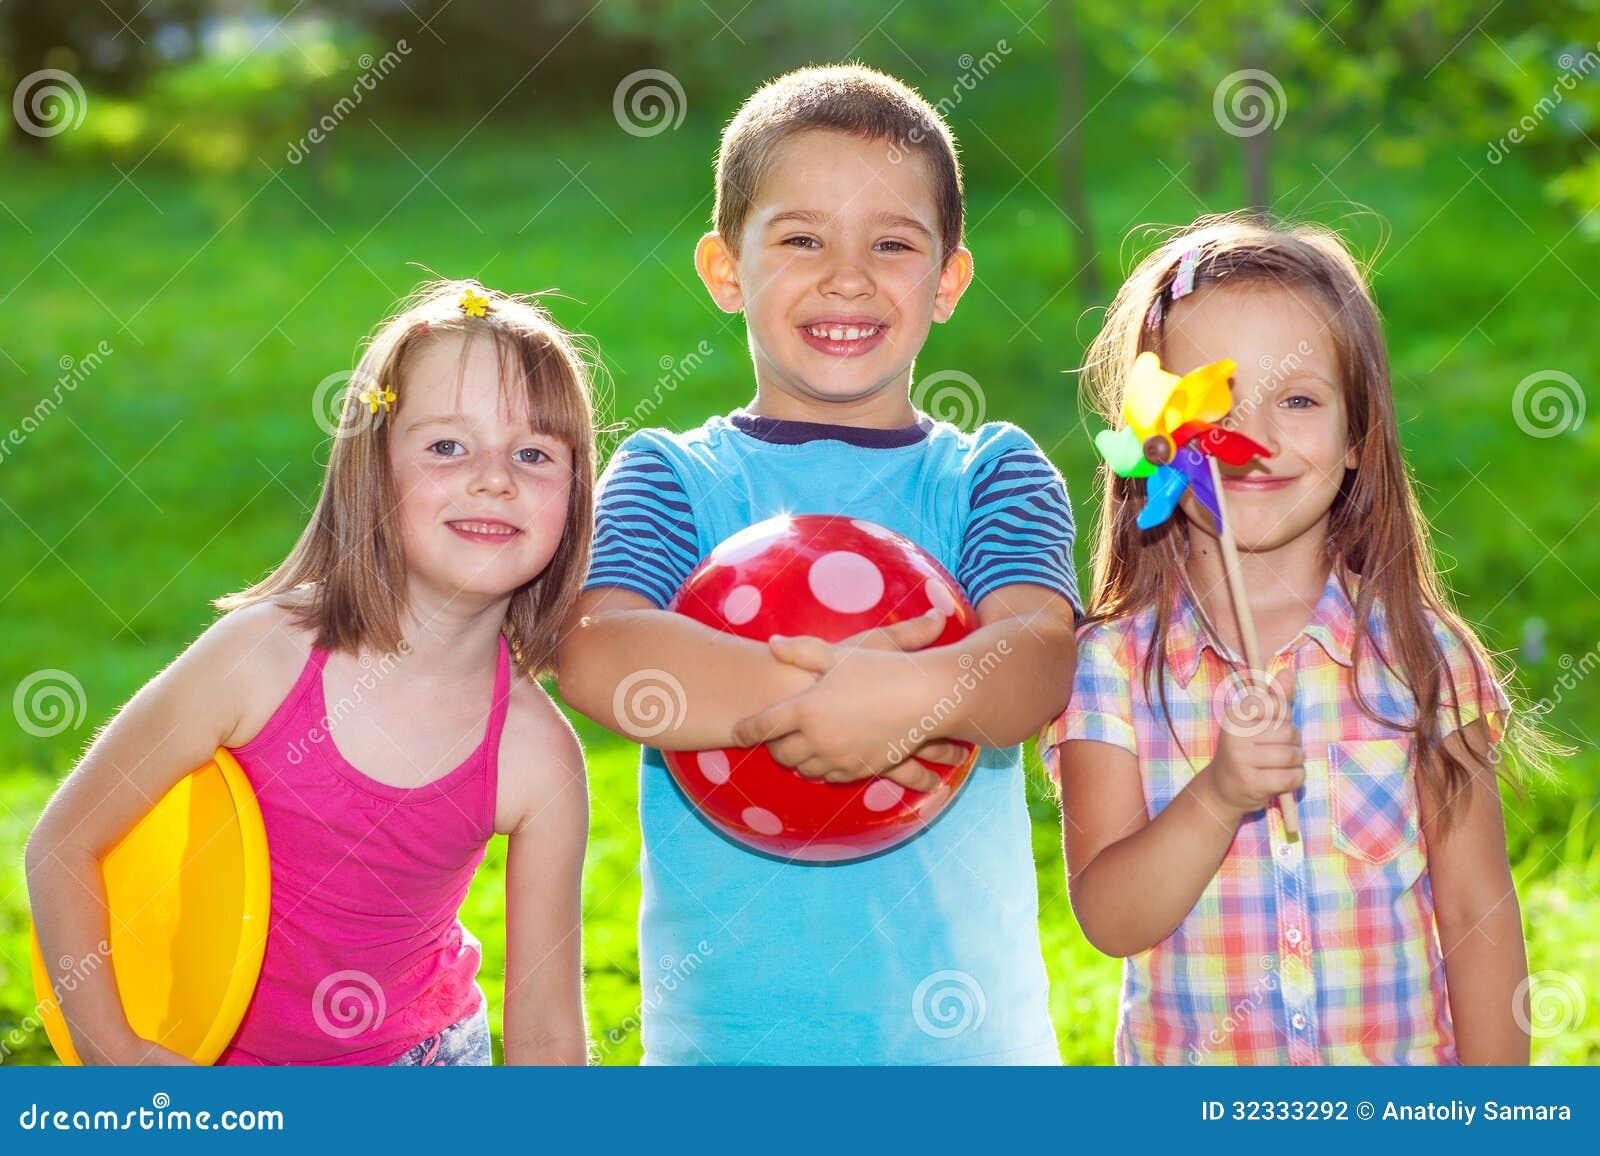 Где дети отдыхают в летом фото